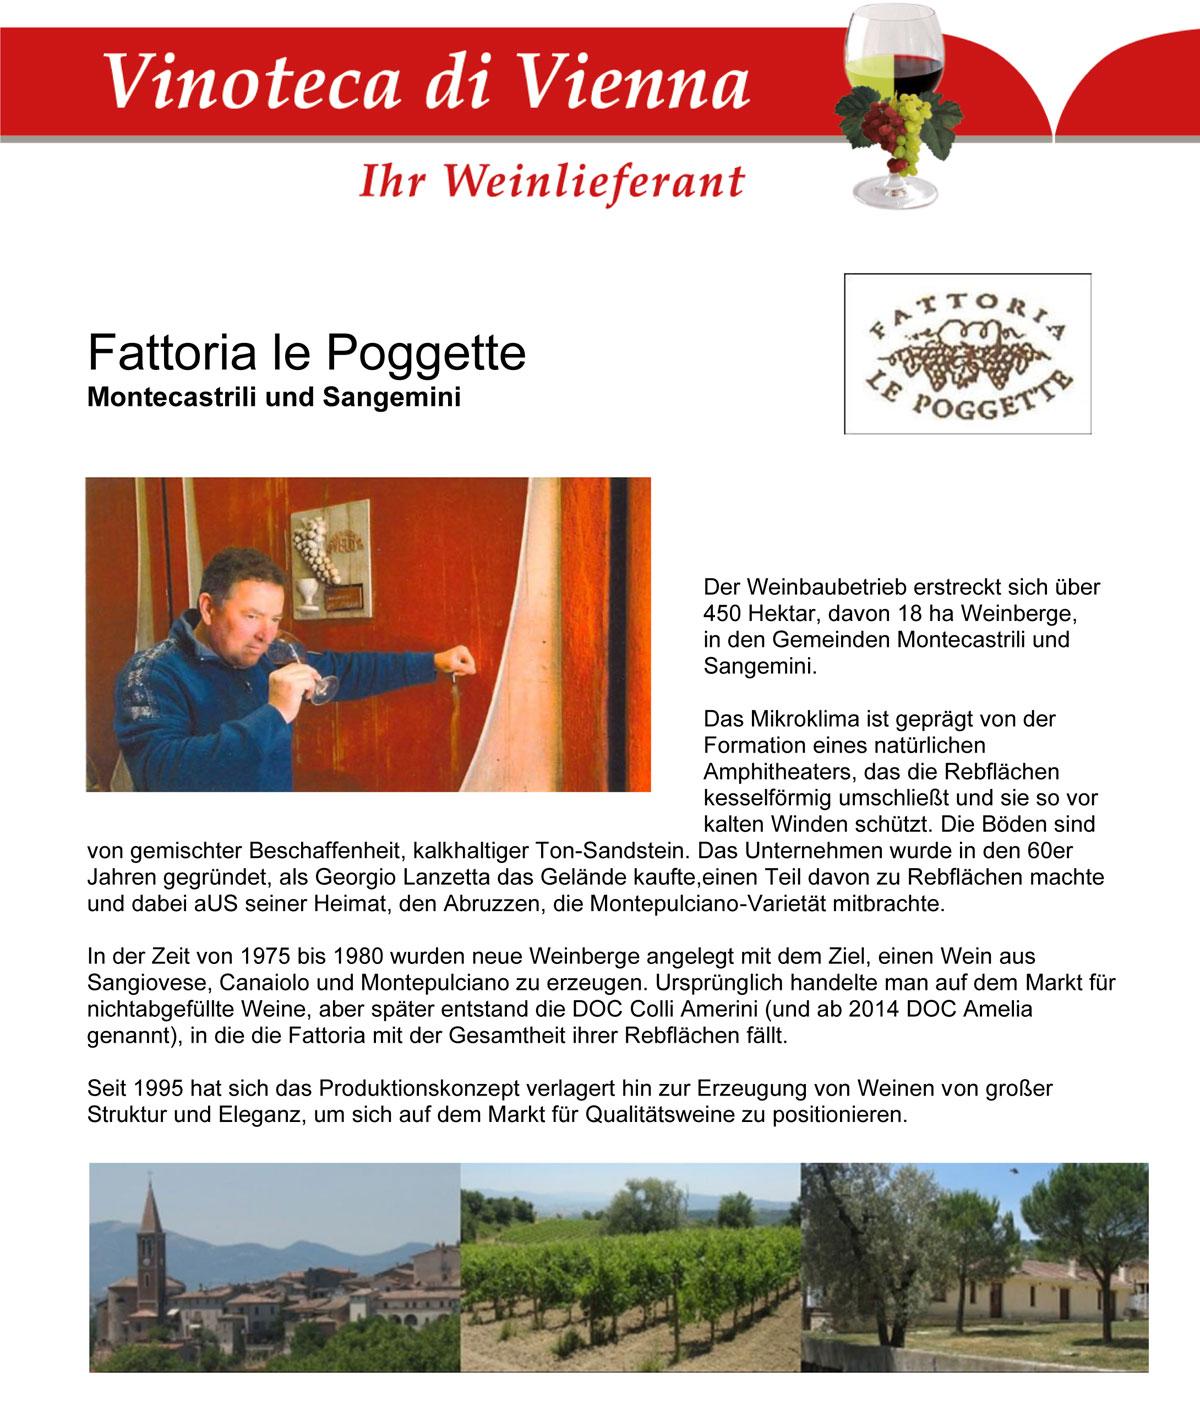 Fattoria Le Poggette, Italien, Umbrien, Montecastrilli